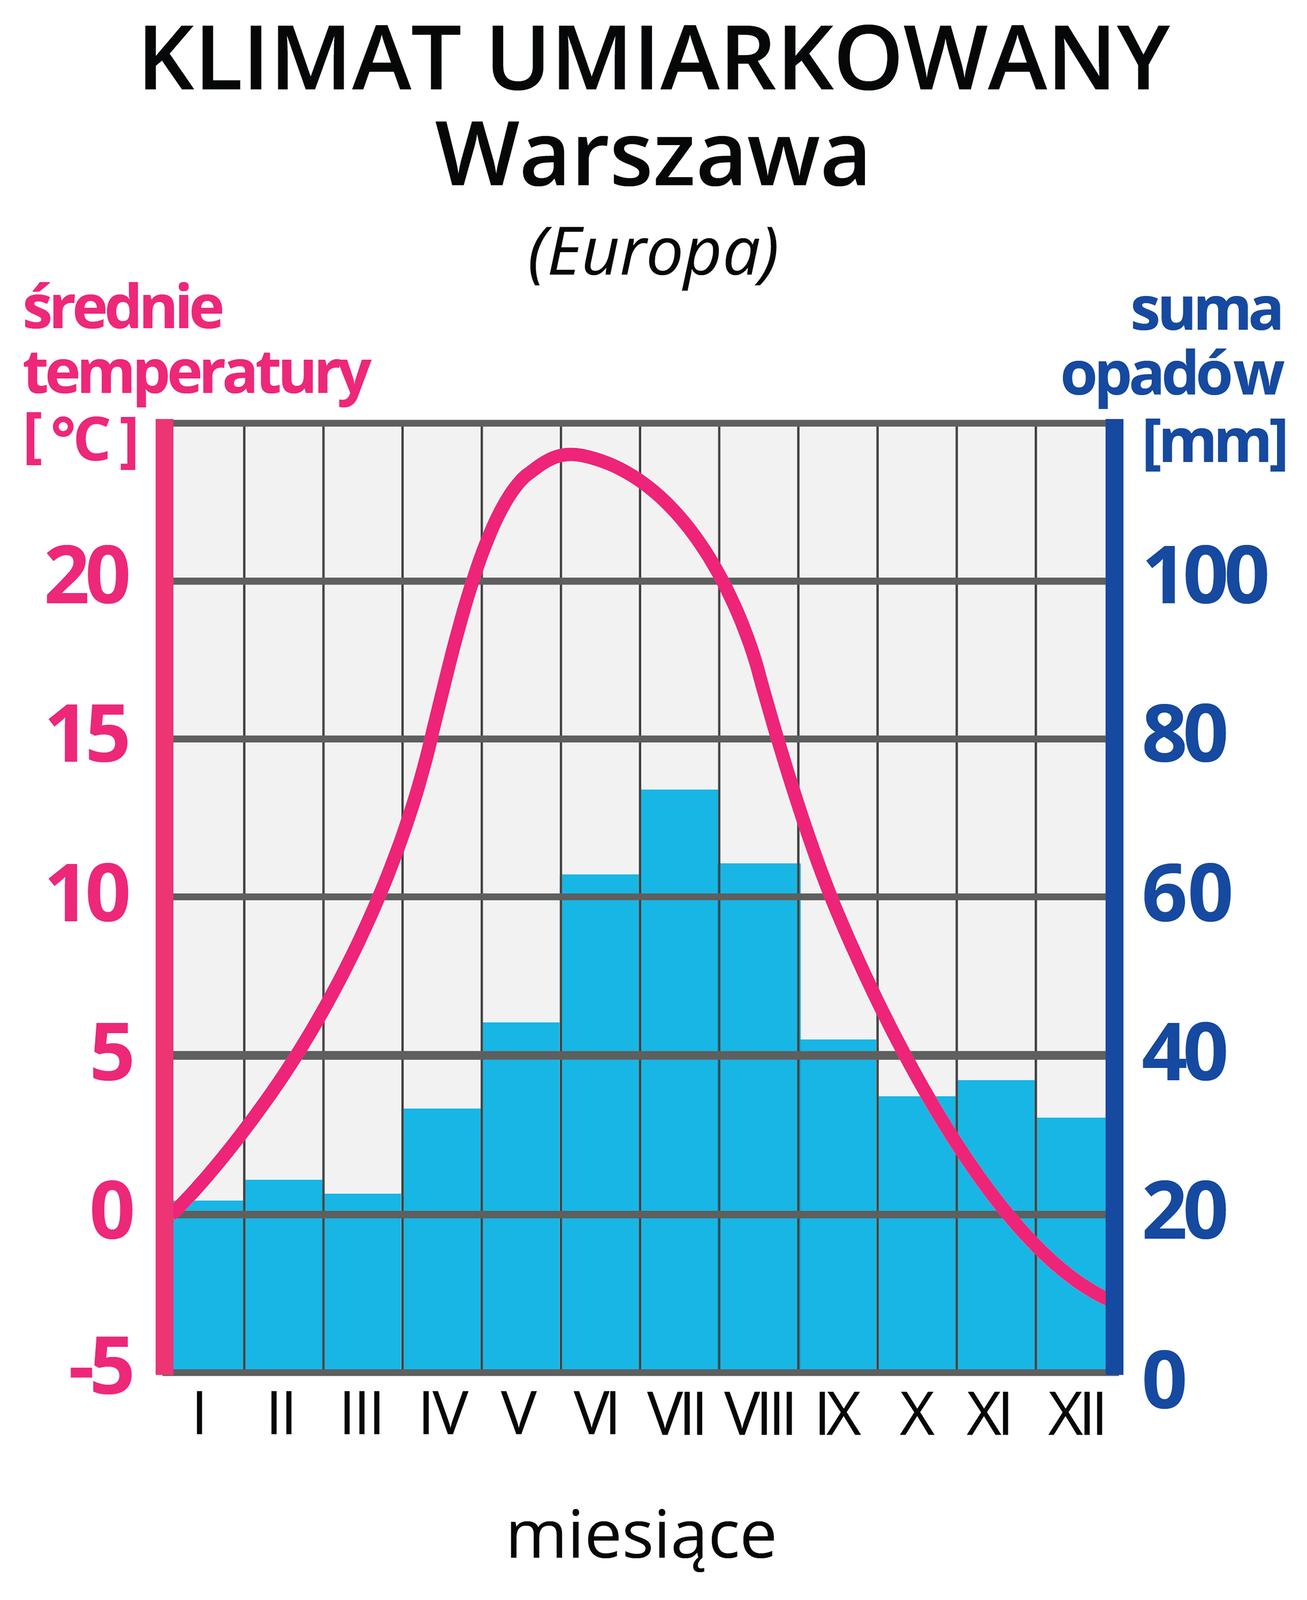 Galeria prezentuje trzy klimatogramy strefy klimatu umiarkowanegoKlimatogram pierwszy, prezentuje klimat umiarkowany Warszawy. Na lewej osi wykresu wyskalowano średnie temperatury wOC, na prawej osi wykresu wyskalowano sumy opadów wmm. Na osi poziomej zaznaczono cyframi rzymskimi kolejne miesiące. Czerwona pozioma linia na wykresie, to średnie temperatury wposzczególnych miesiącach. Tutaj linia rozpoczyna się na wysokości 0 OC wstyczniu iwznosi się wposzczególnych miesiącach do około 28 OC wczerwcu, po czym opada do -3 OC wgrudniu. Niebieskie słupki, to wysokości sum opadów wposzczególnych miesiącach. Najwyższe opady, powyżej 40 mm, wmiesiącach maj-wrzesień. Opady, poniżej 40 mm, październik-kwiecień .